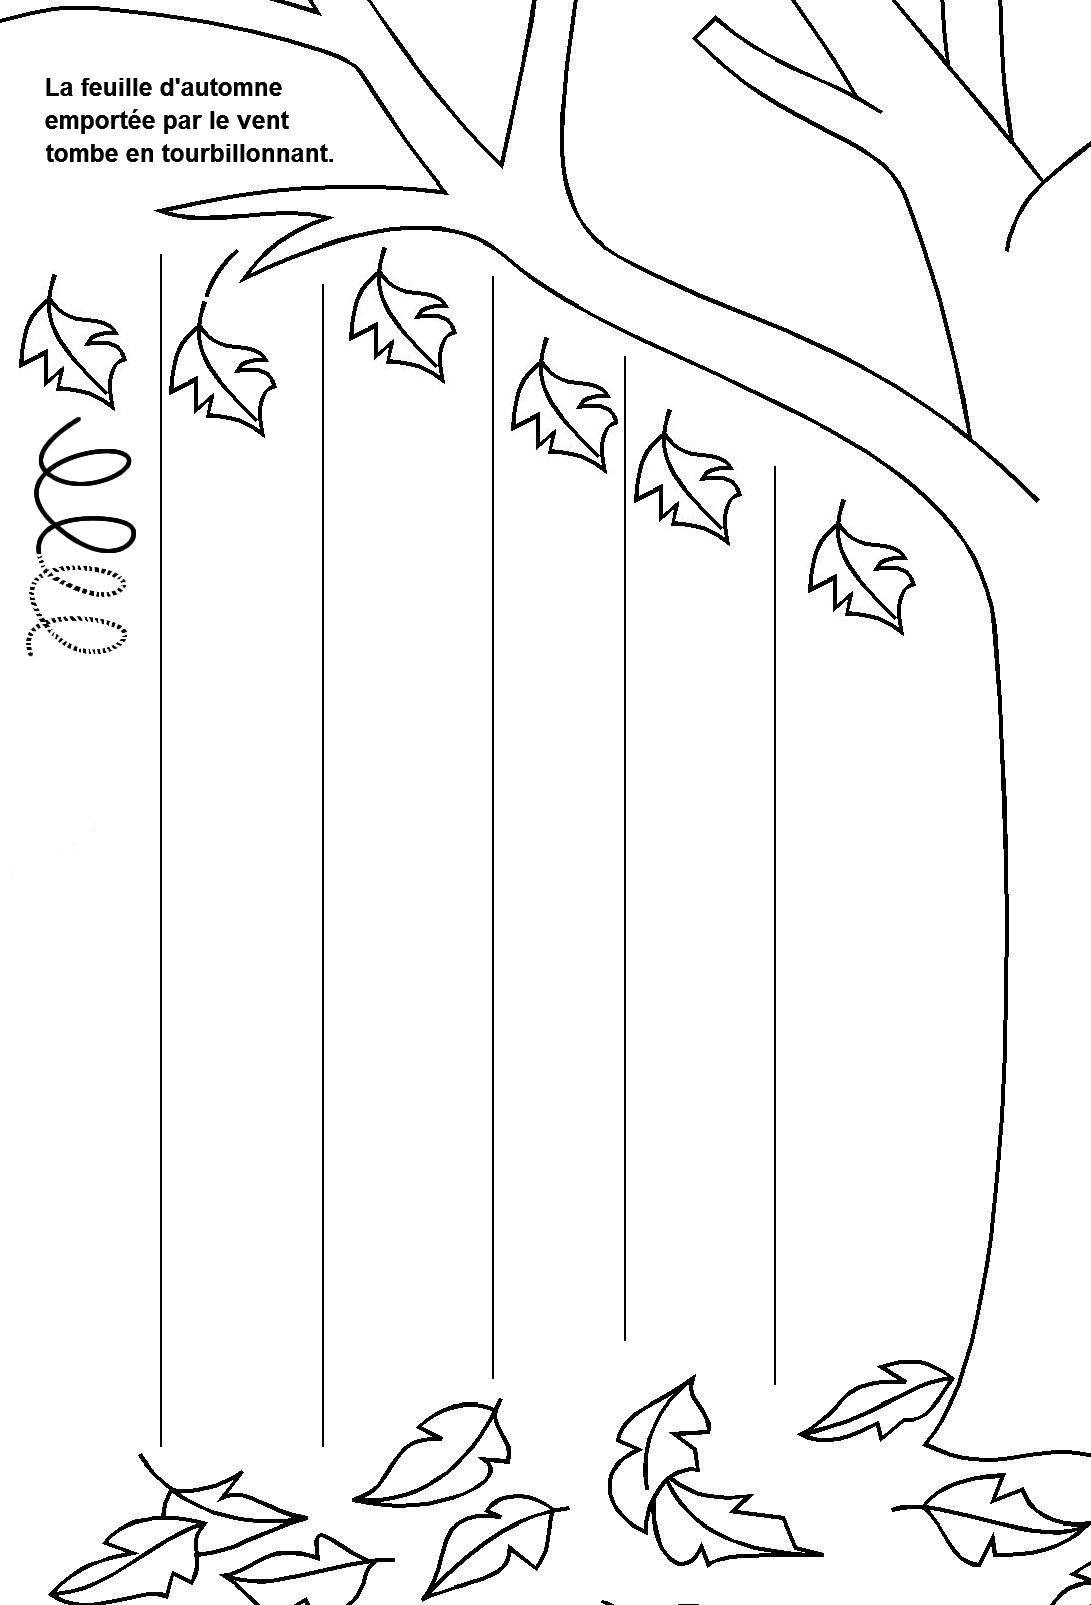 Activite Automne Maternelle Design De Maison Ressources Pdagogiques La Boucle En Maternelle Au Fall Worksheets Tracing Worksheets Preschool Worksheets For Kids [ 1605 x 1091 Pixel ]